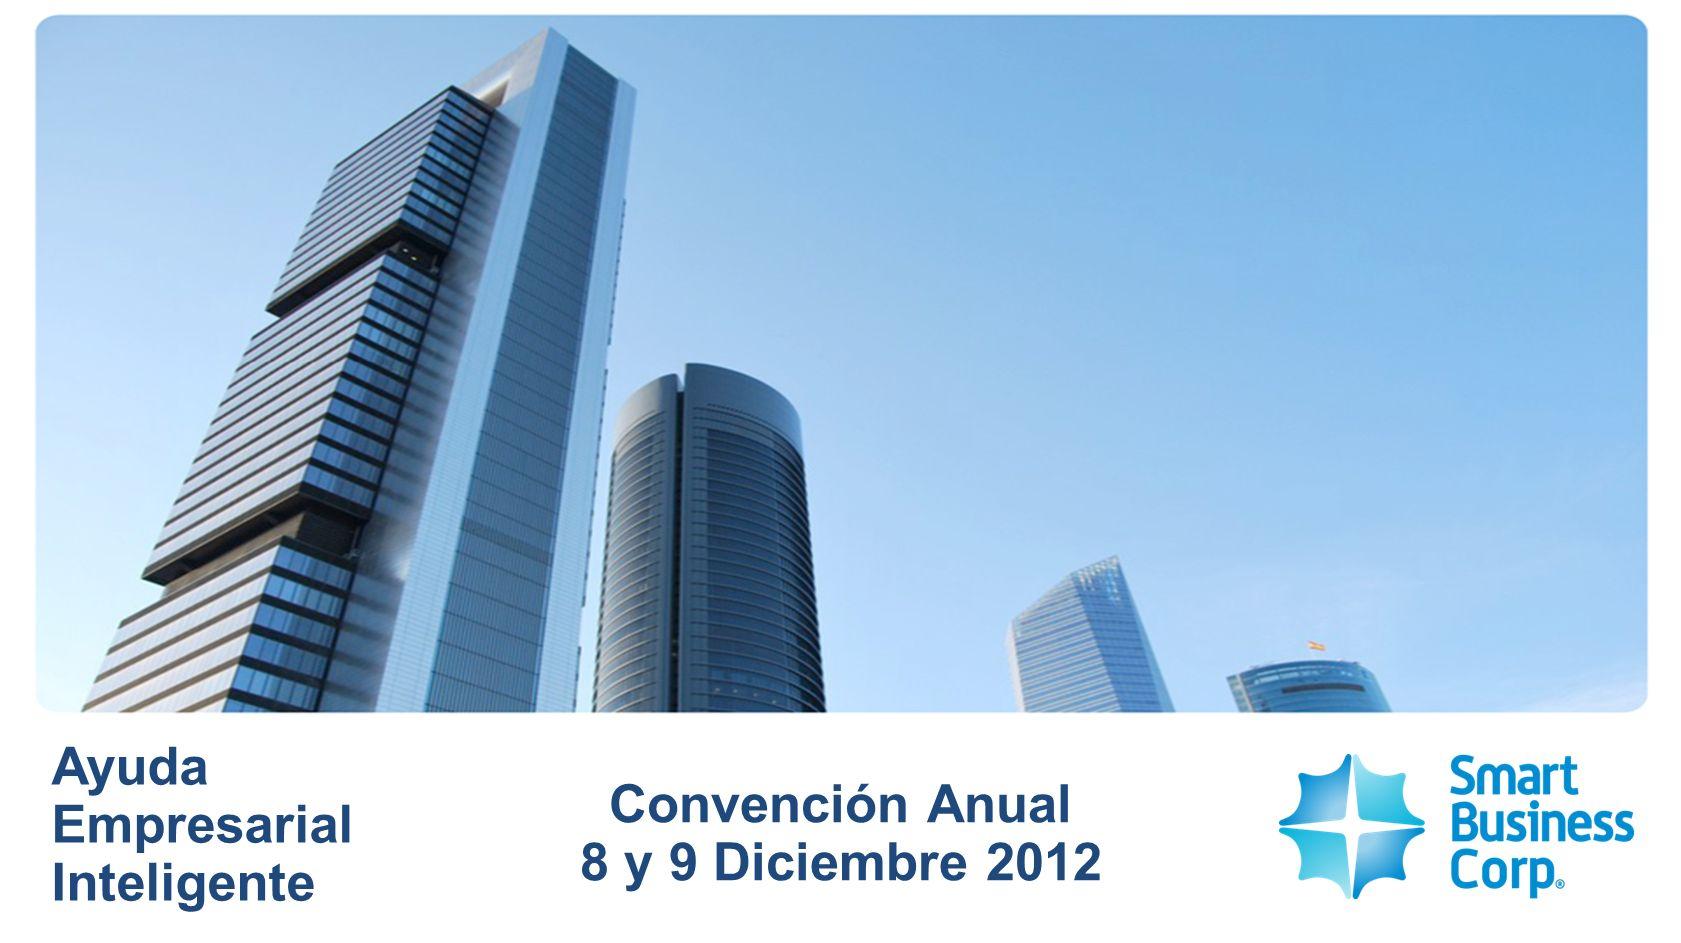 Ayuda Empresarial Inteligente Convención Anual 8 y 9 Diciembre 2012